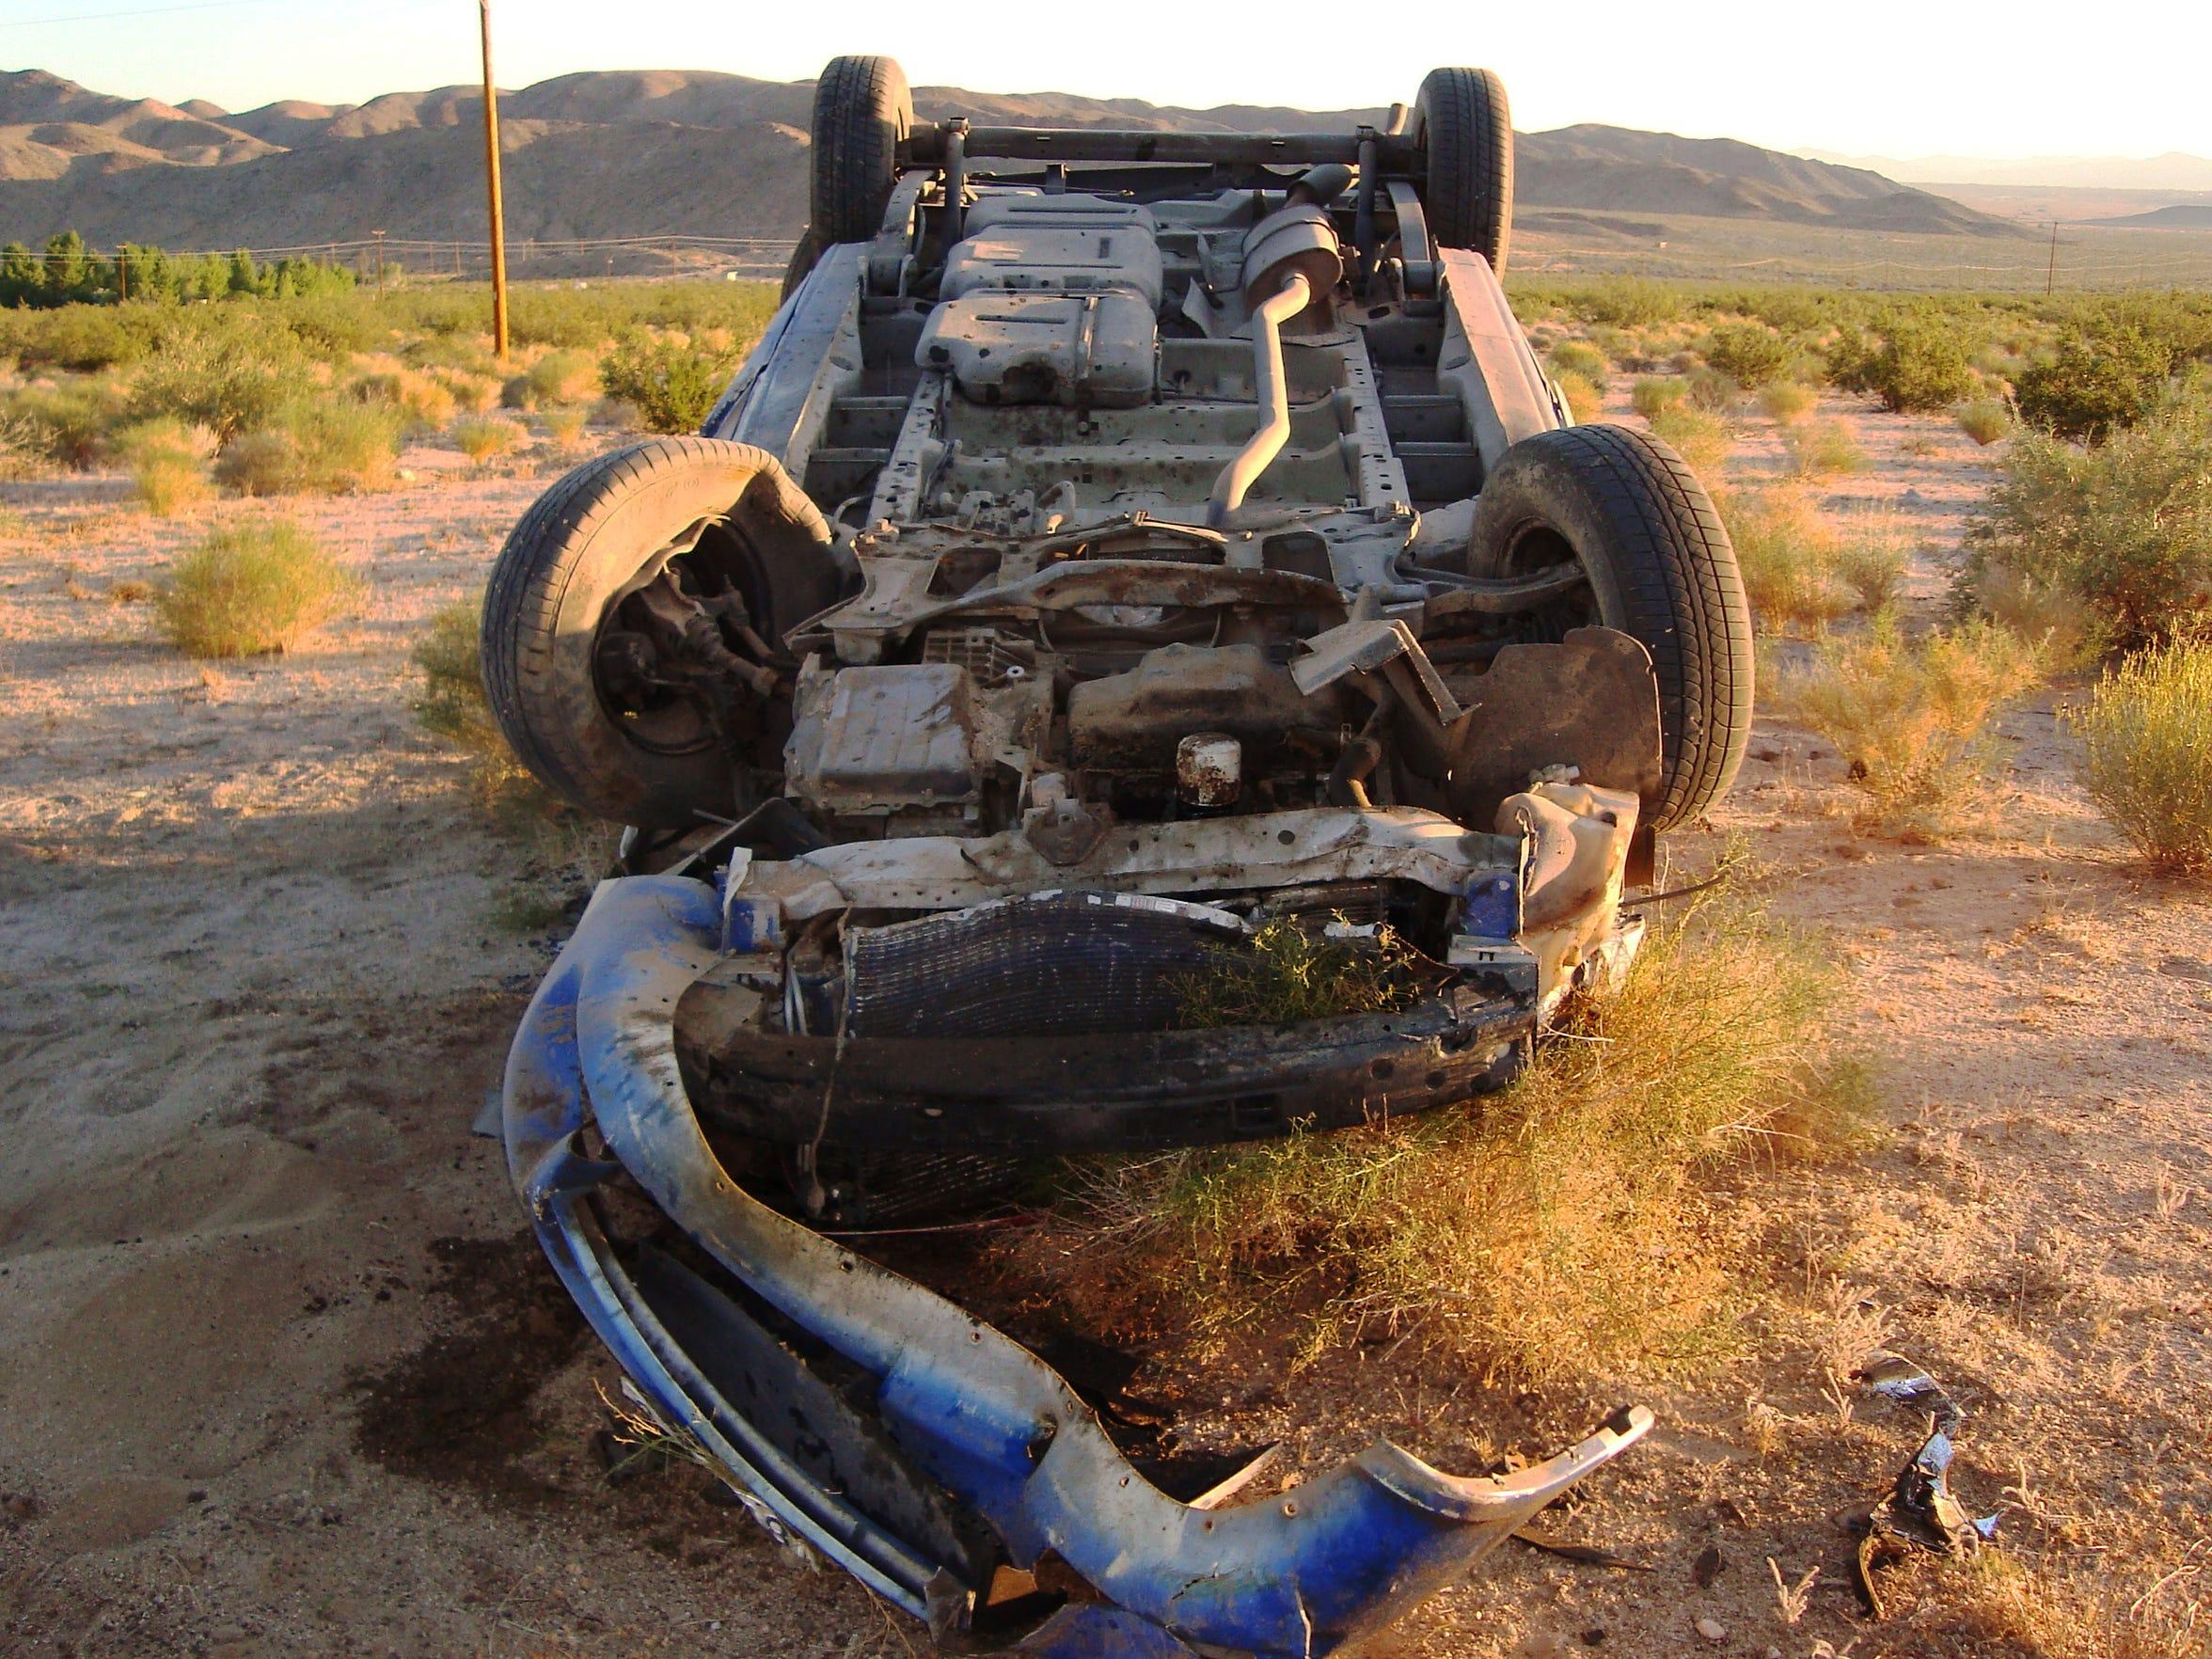 Raj Kumar, 24, a Coachella Valley taxi driver, was